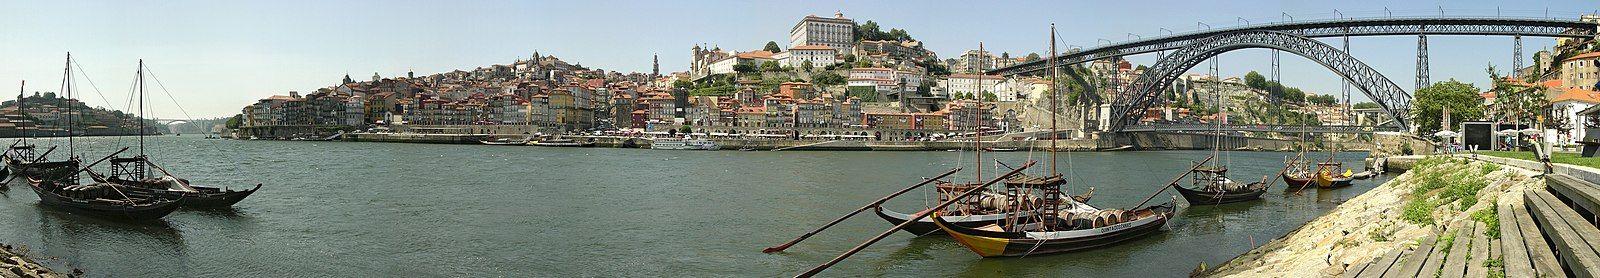 Historical part of Porto, seen from Vila Nova de Gaia, trough the Douro river